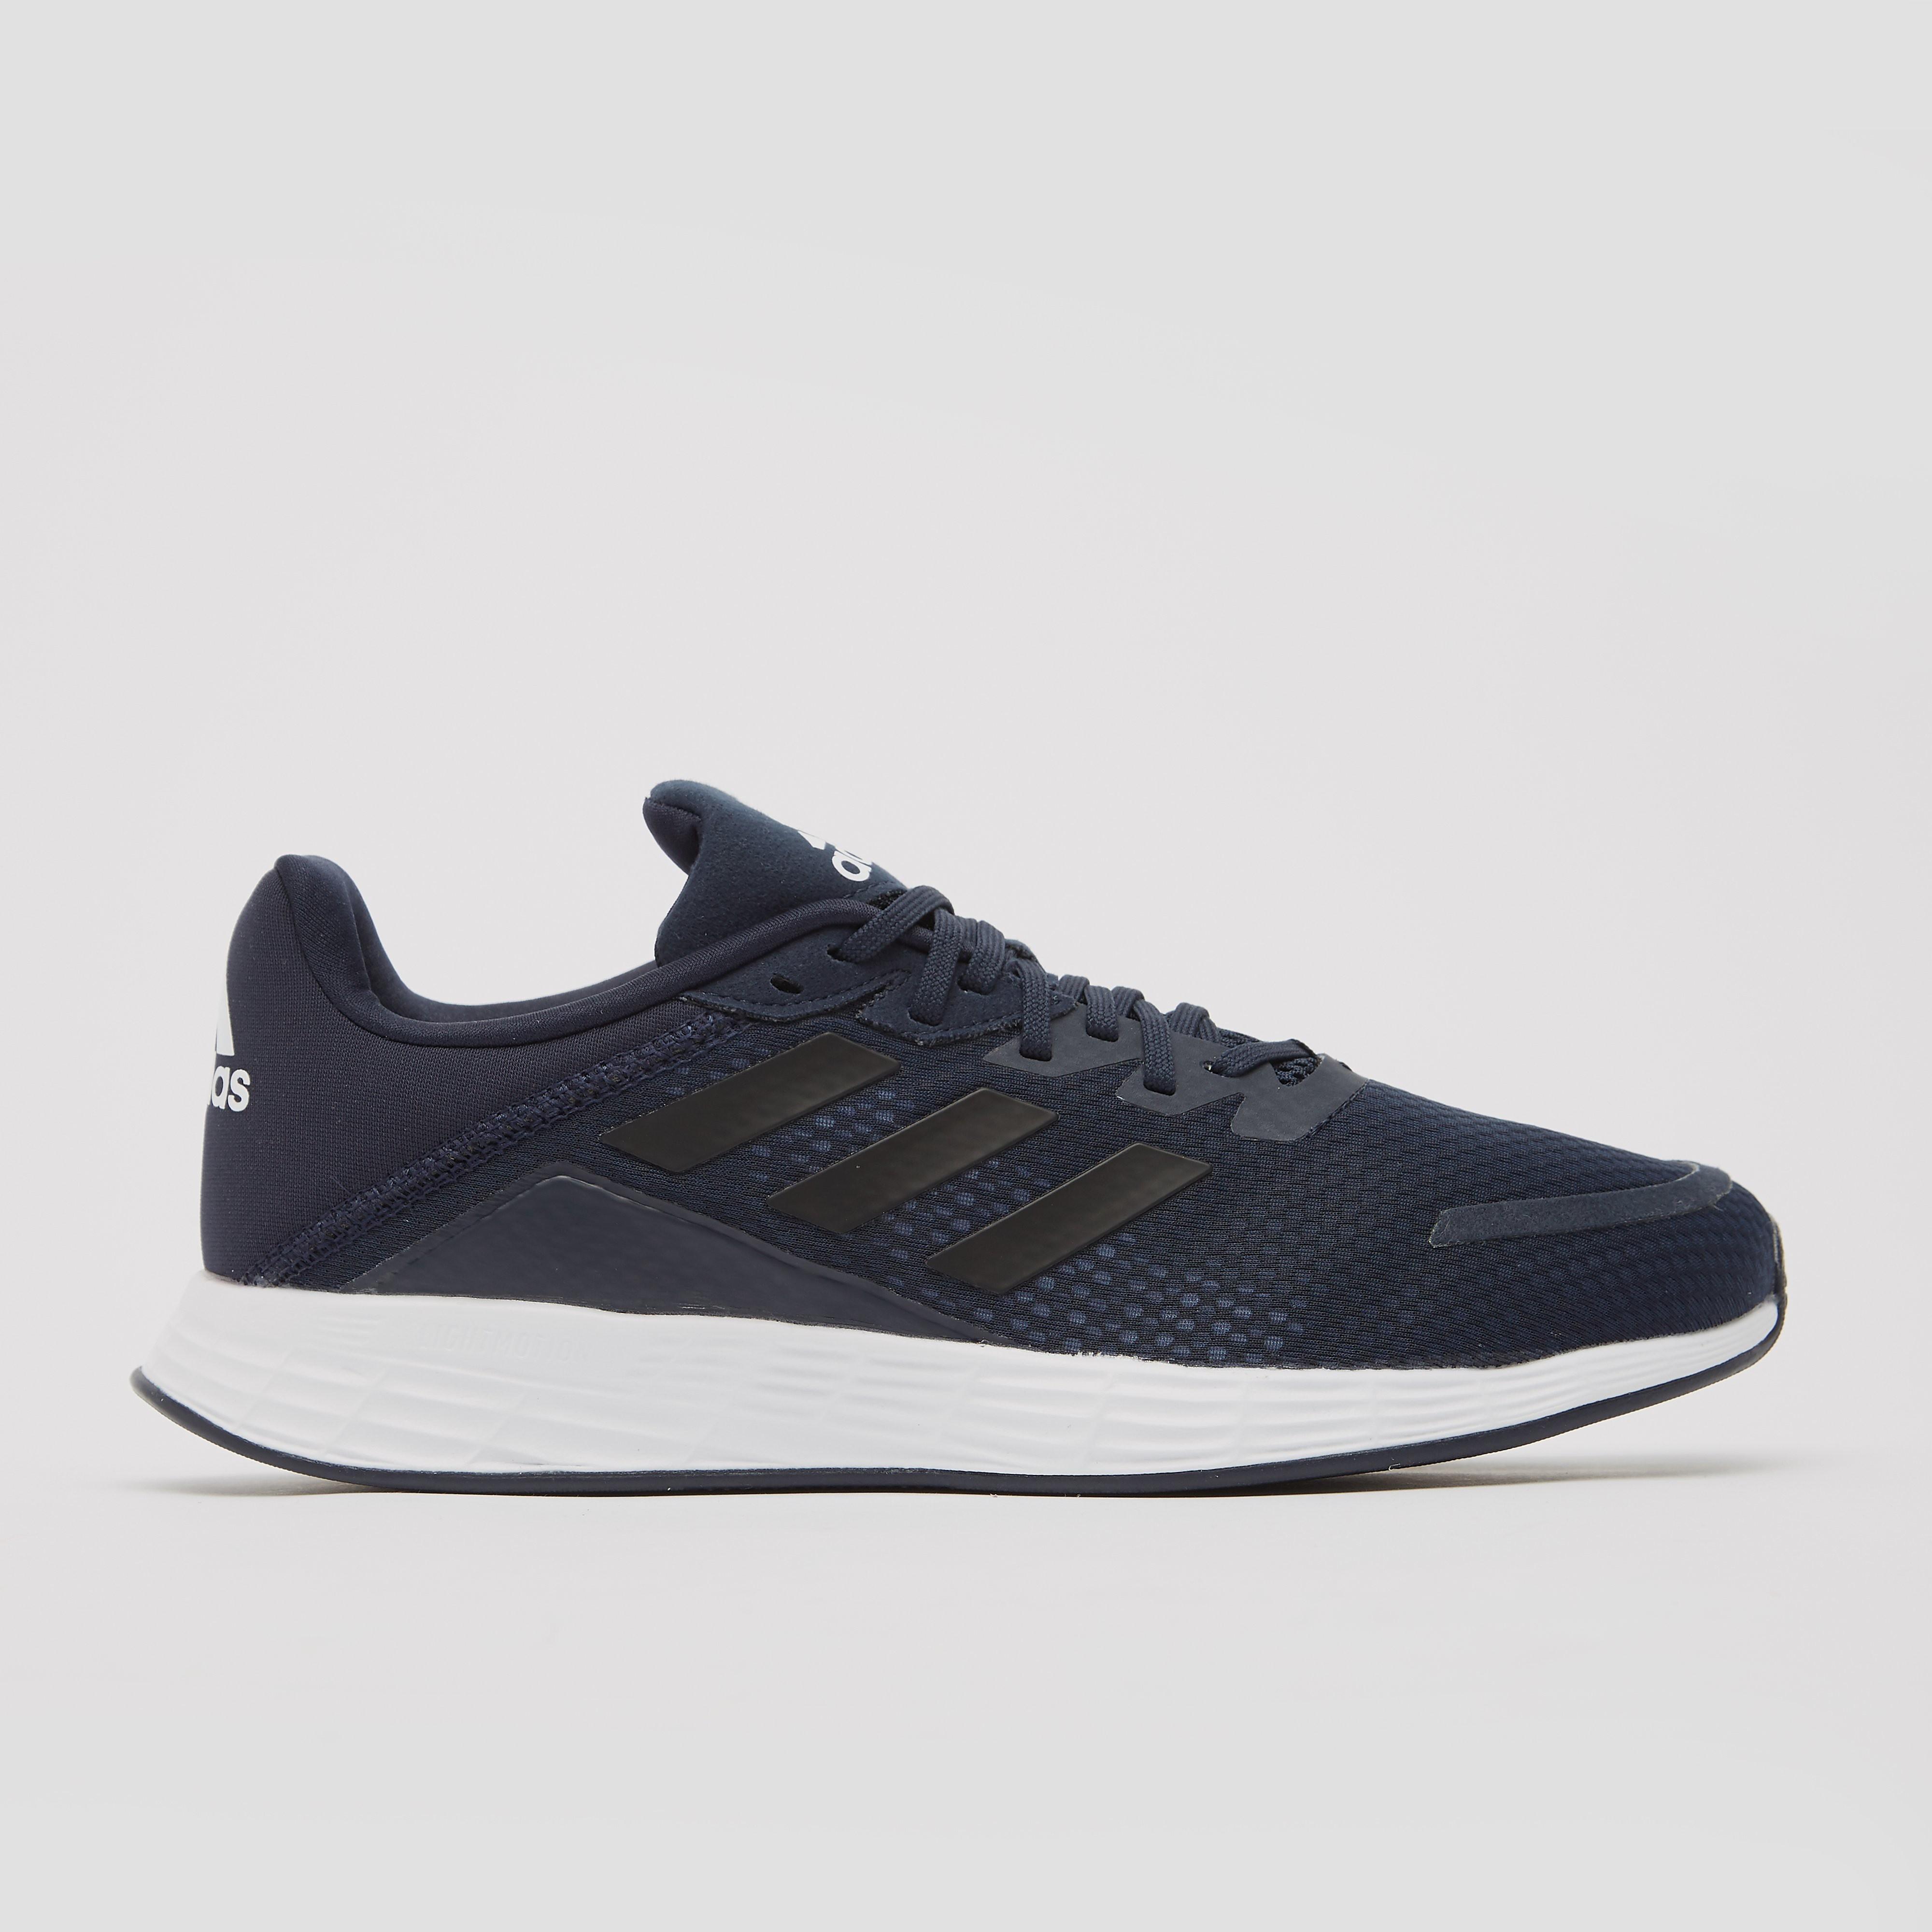 Adidas Performance Duramo SL hardloopschoenen donkerblauw/zwart online kopen